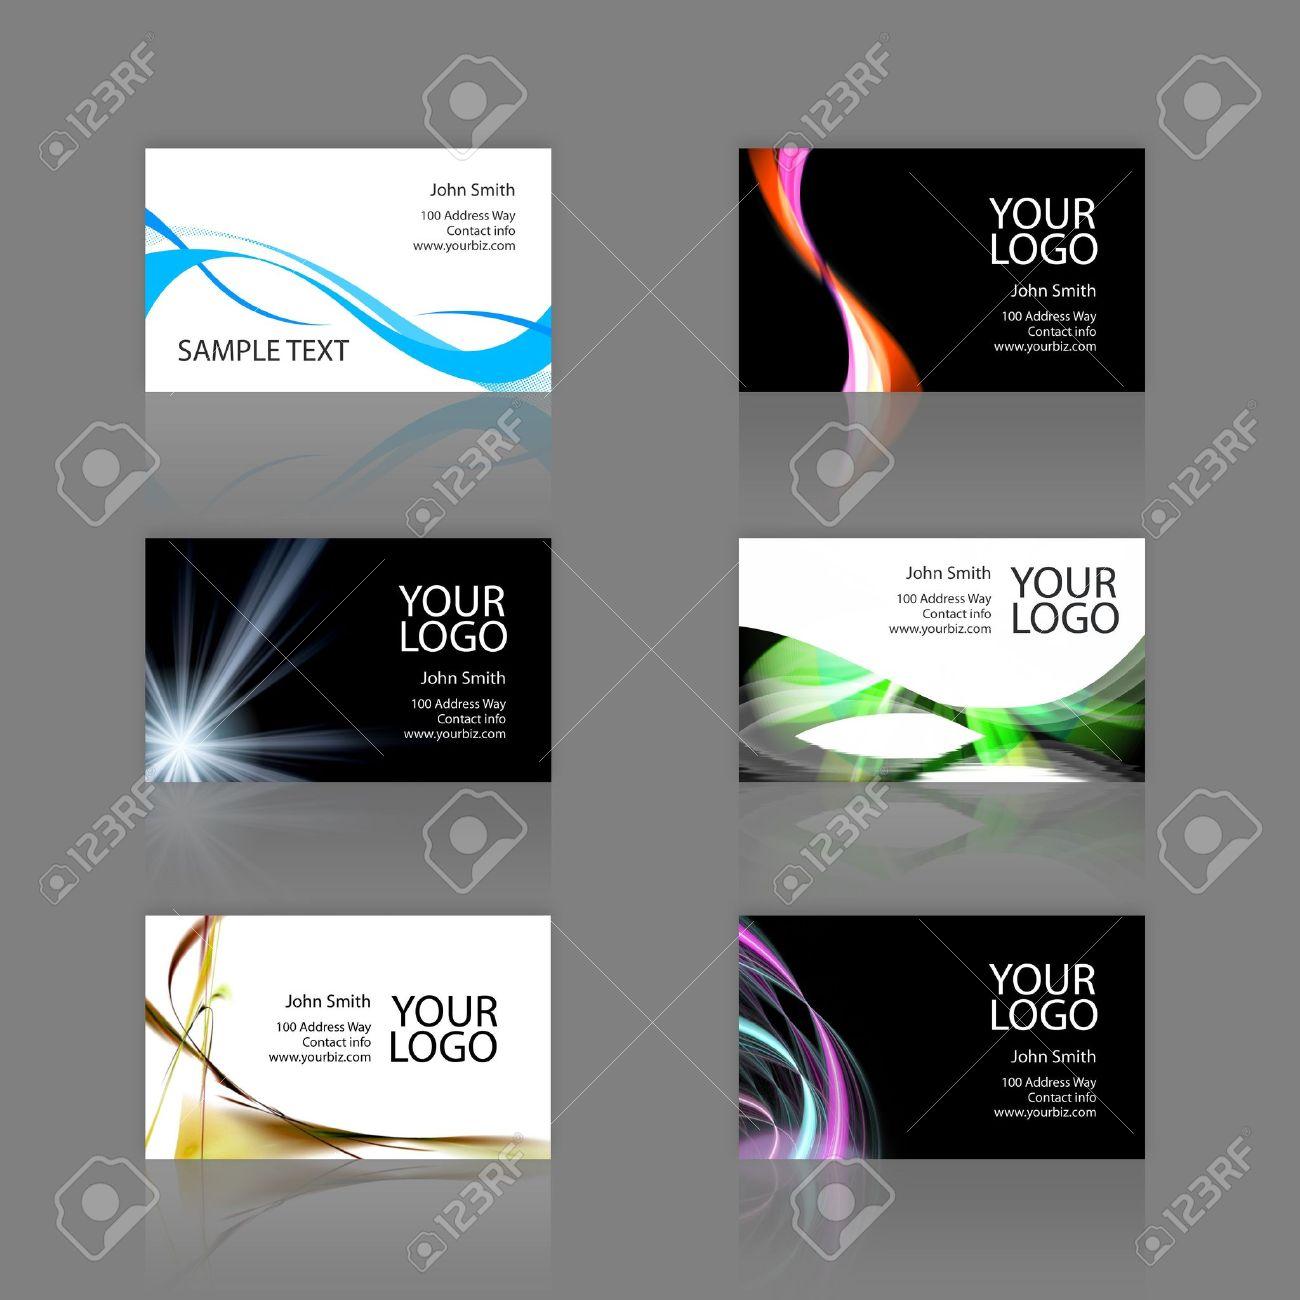 An assortment of 6 modern business card templates print ready an assortment of 6 modern business card templates print ready and fully customizable these reheart Images